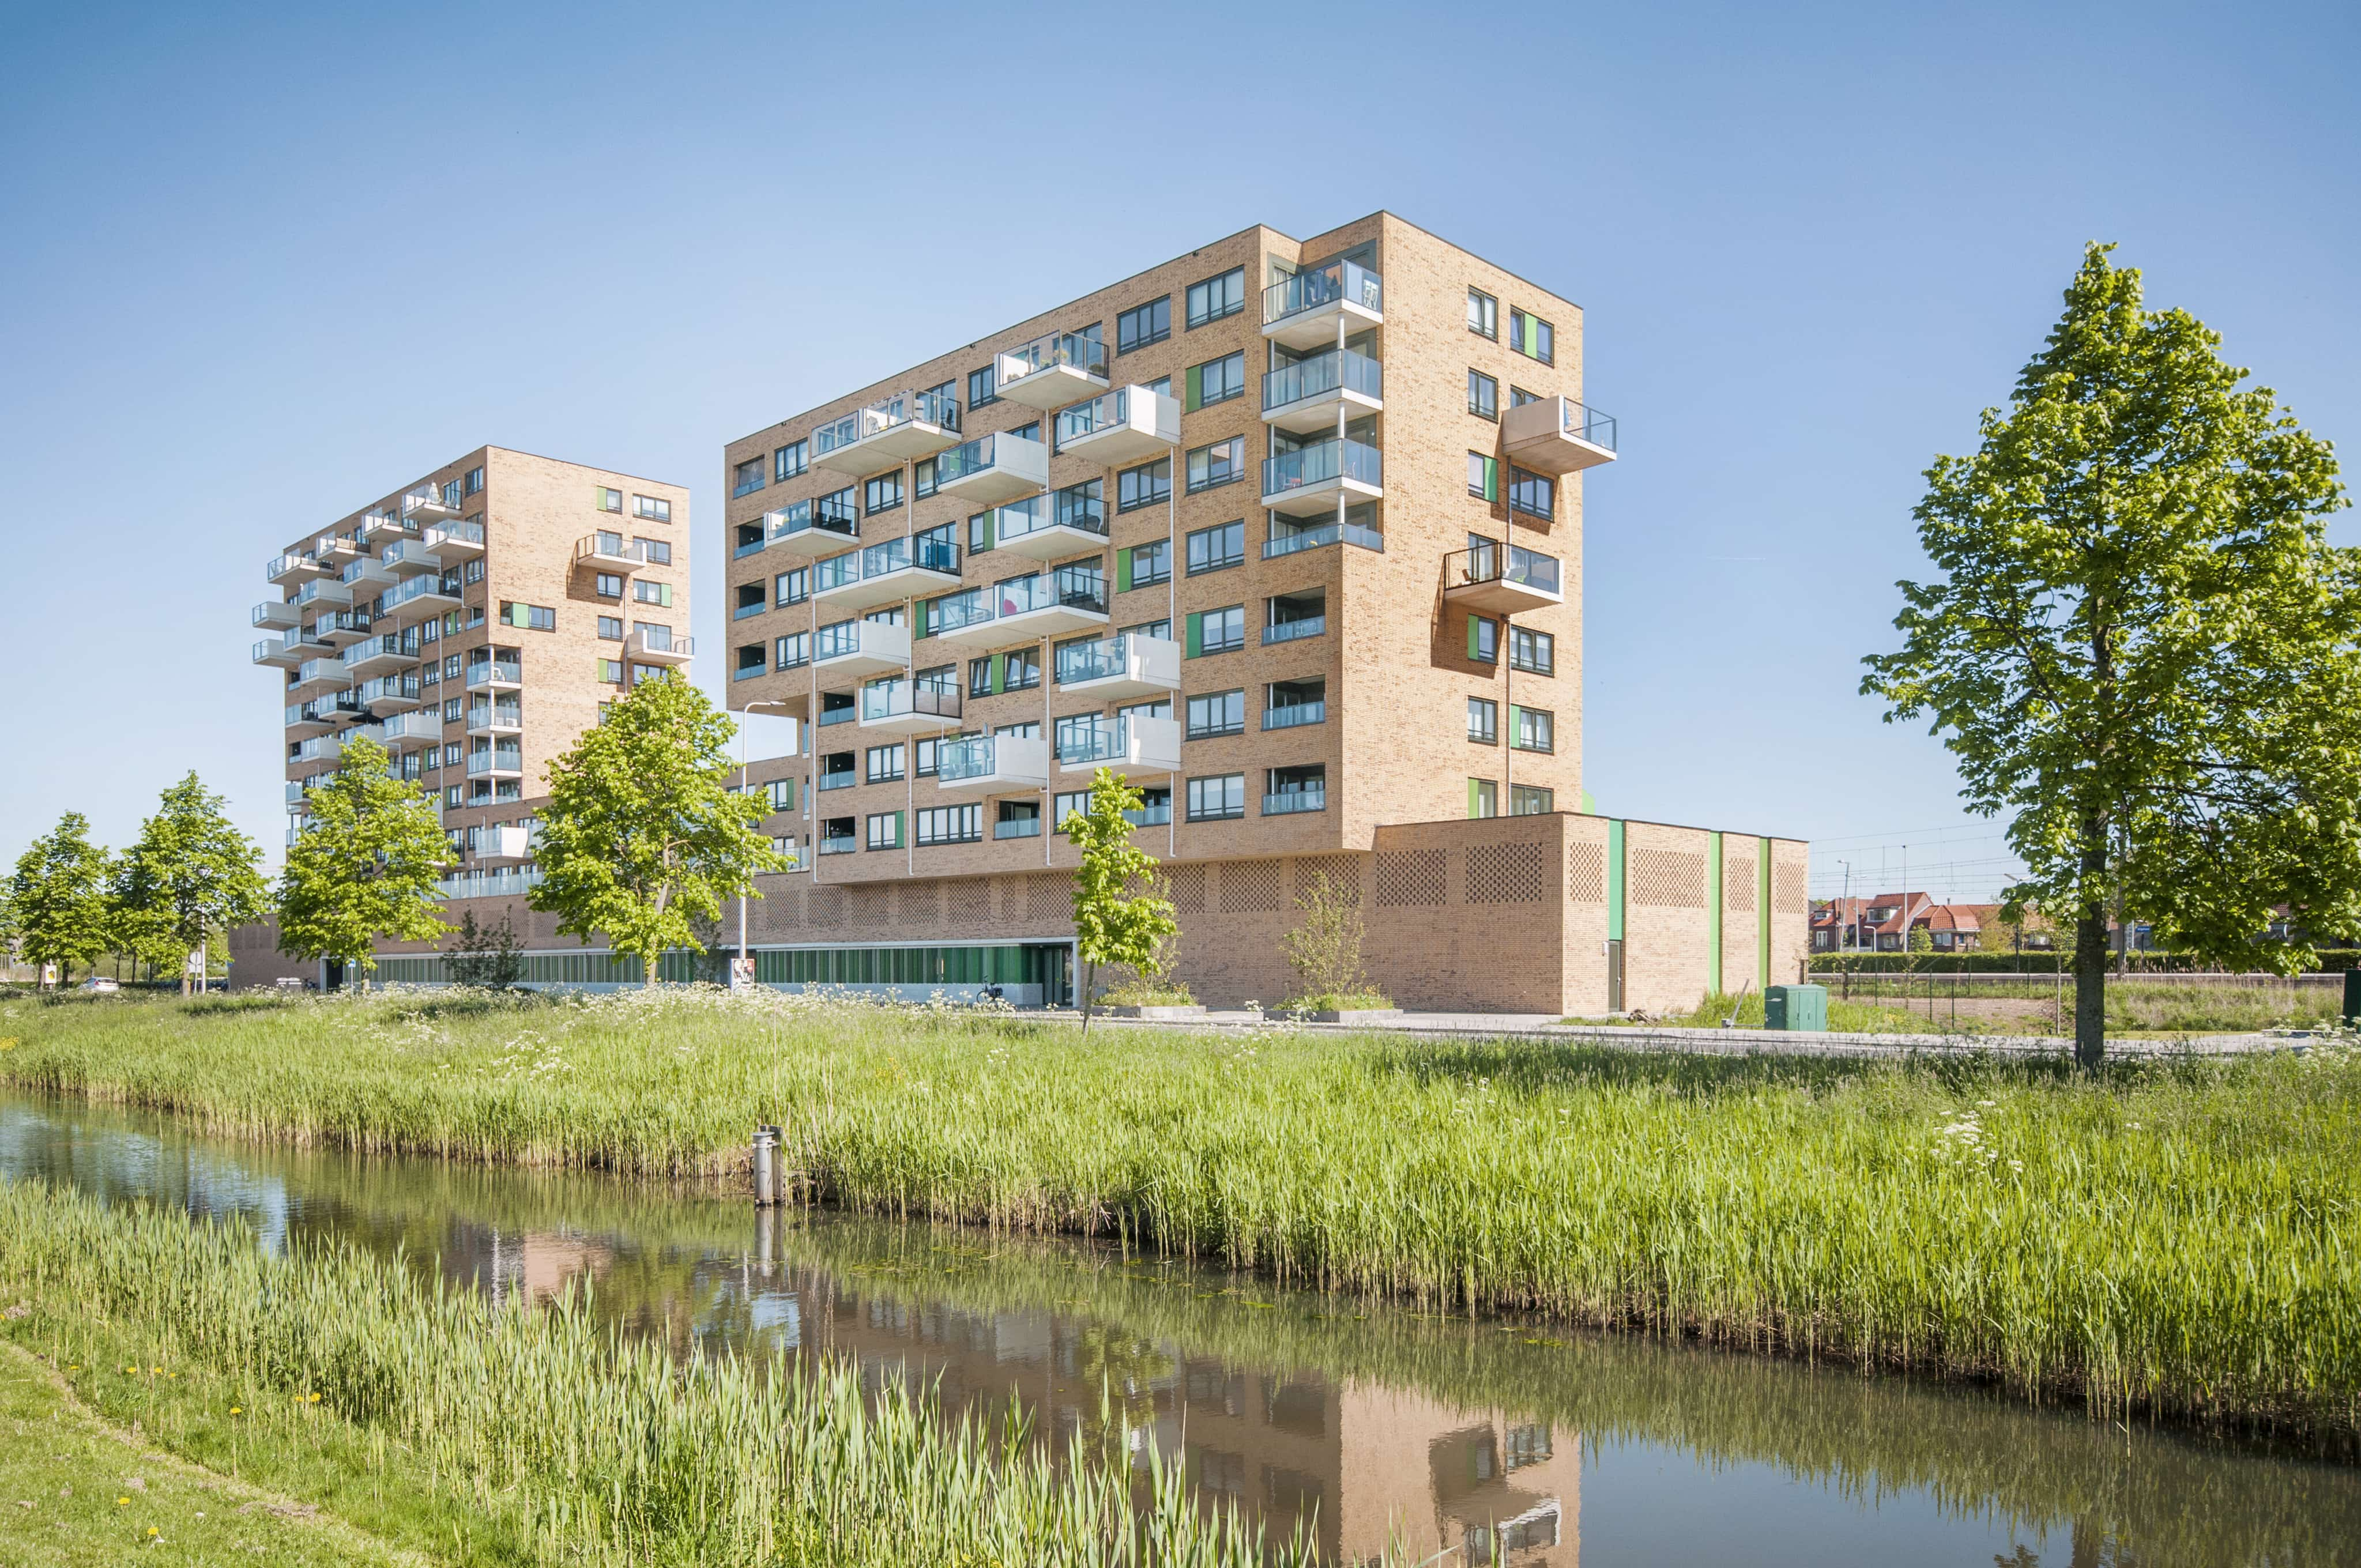 Woongebouw La GaRe Alphen aan den Rijn | LENGKEEK architecten en ingenieurs